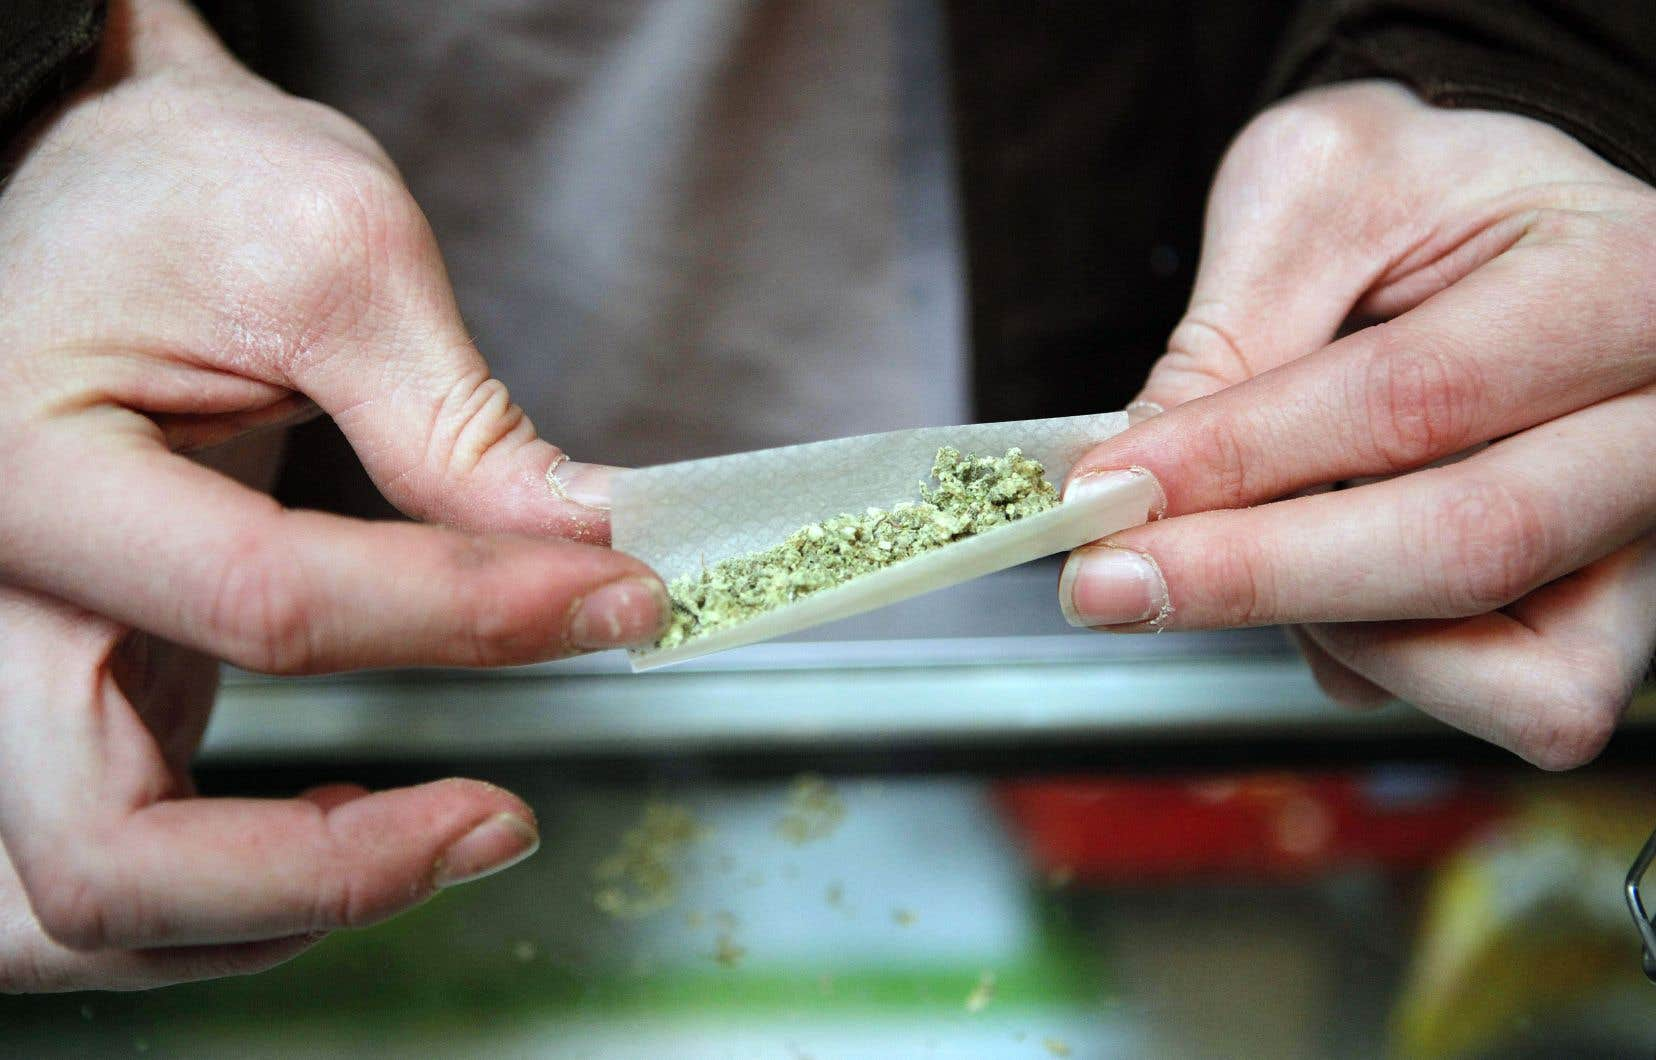 Grâce à la campagne, les Québécois seront sensibilisés au fait qu'ils ne pourront pas fumer cette drogue aux endroits où il est déjà interdit de griller une cigarette.